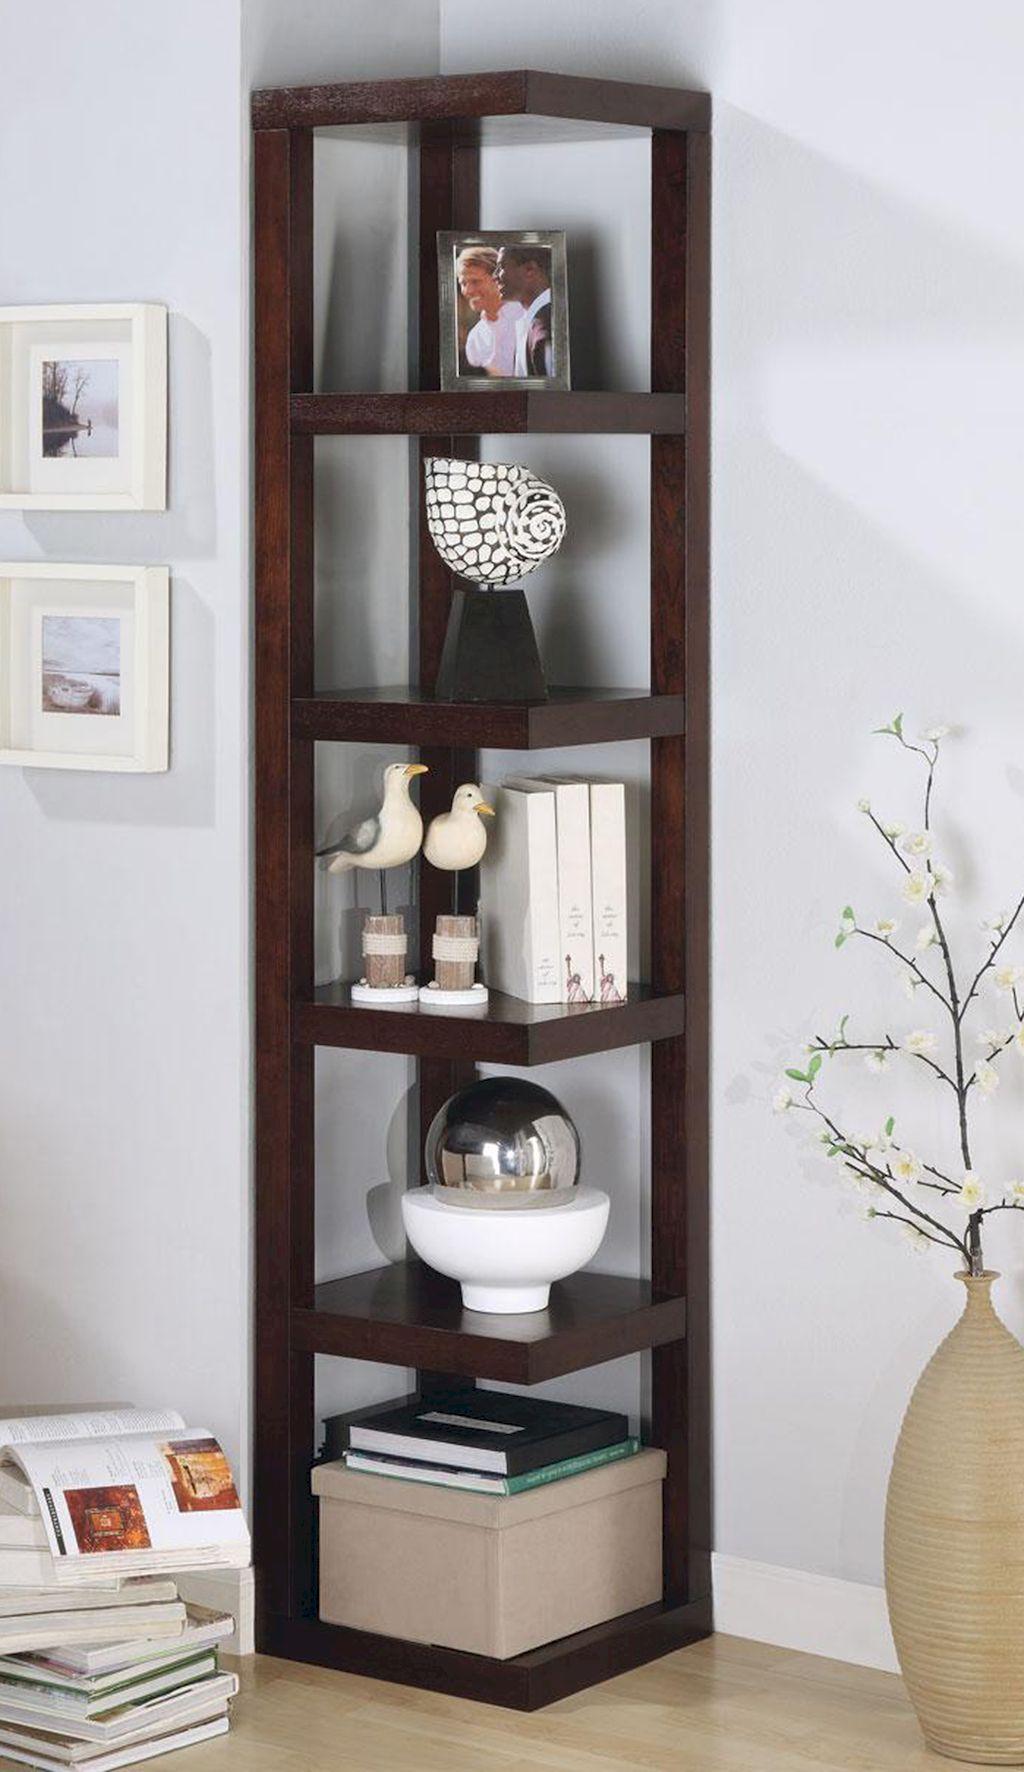 Gorgeous 60 Diy Floating Corner Shelve For Living Room Decor Ideas Source Link Https Doitdeco Living Room Corner Decor Corner Shelf Design Corner Furniture